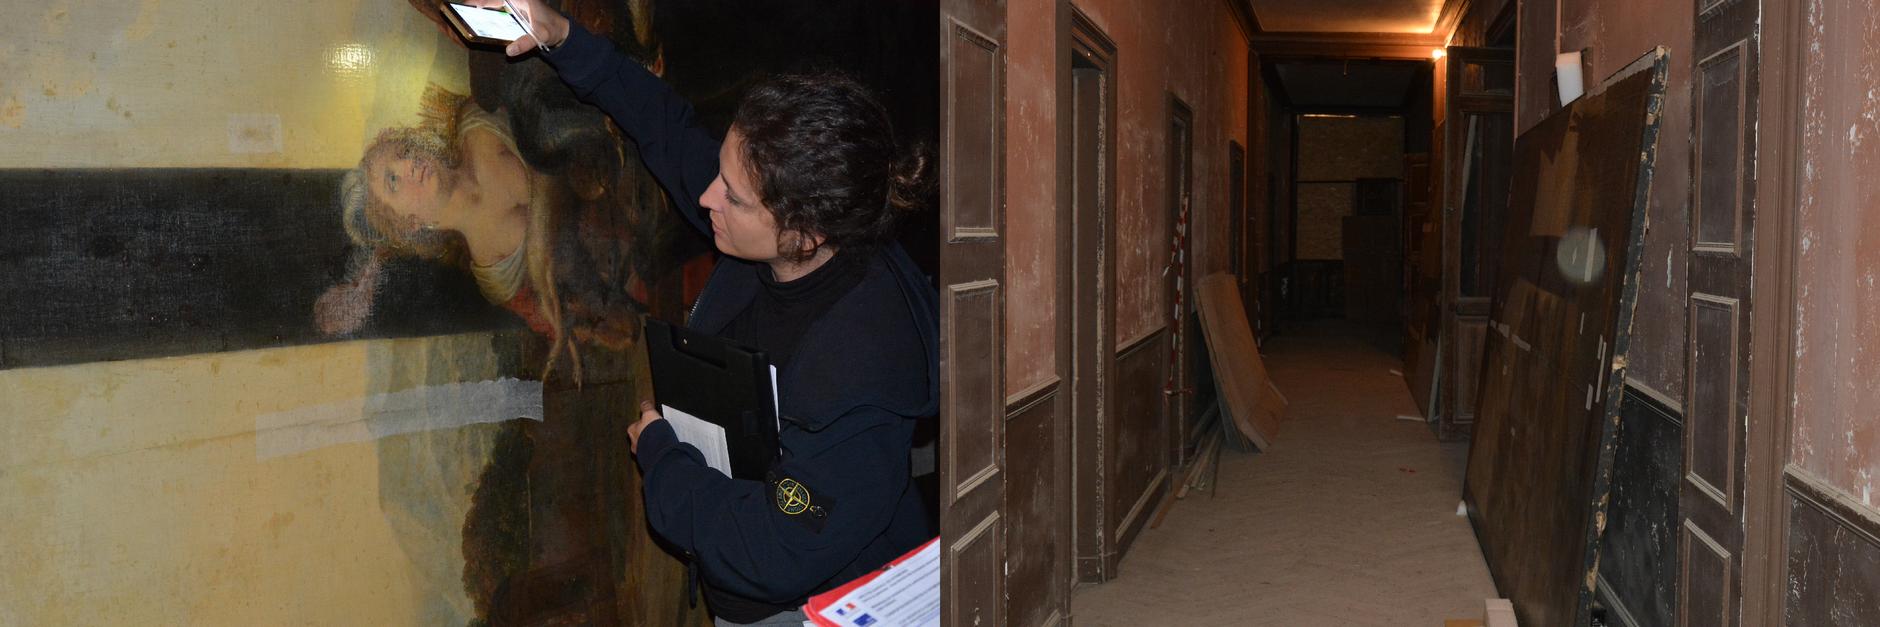 Vues des œuvres dans le château de la Punta